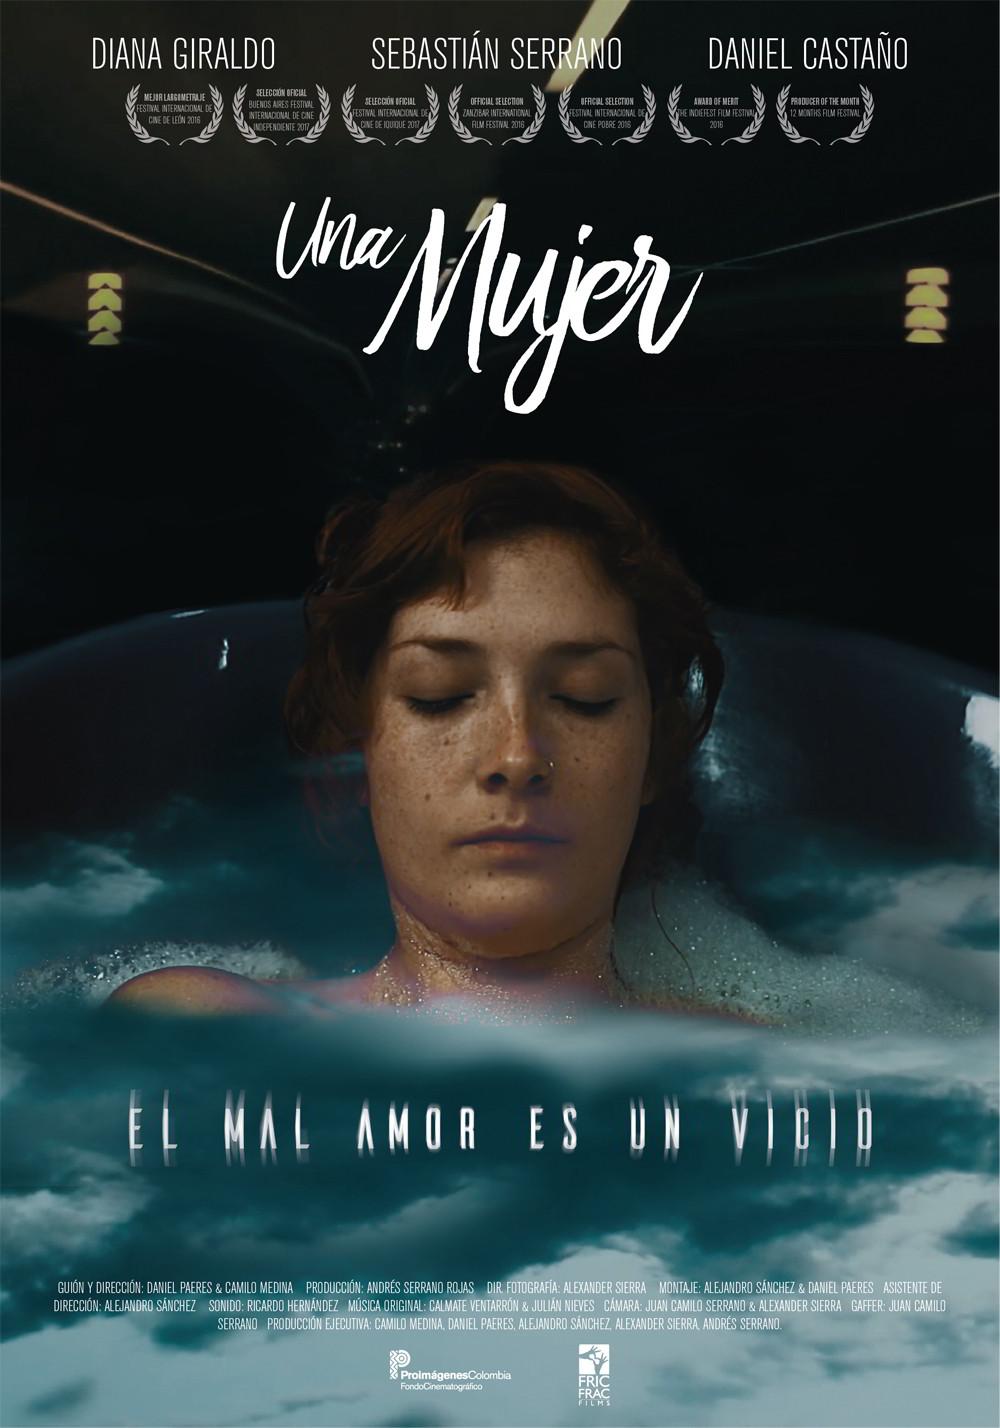 UNA MUJER - película colombiana